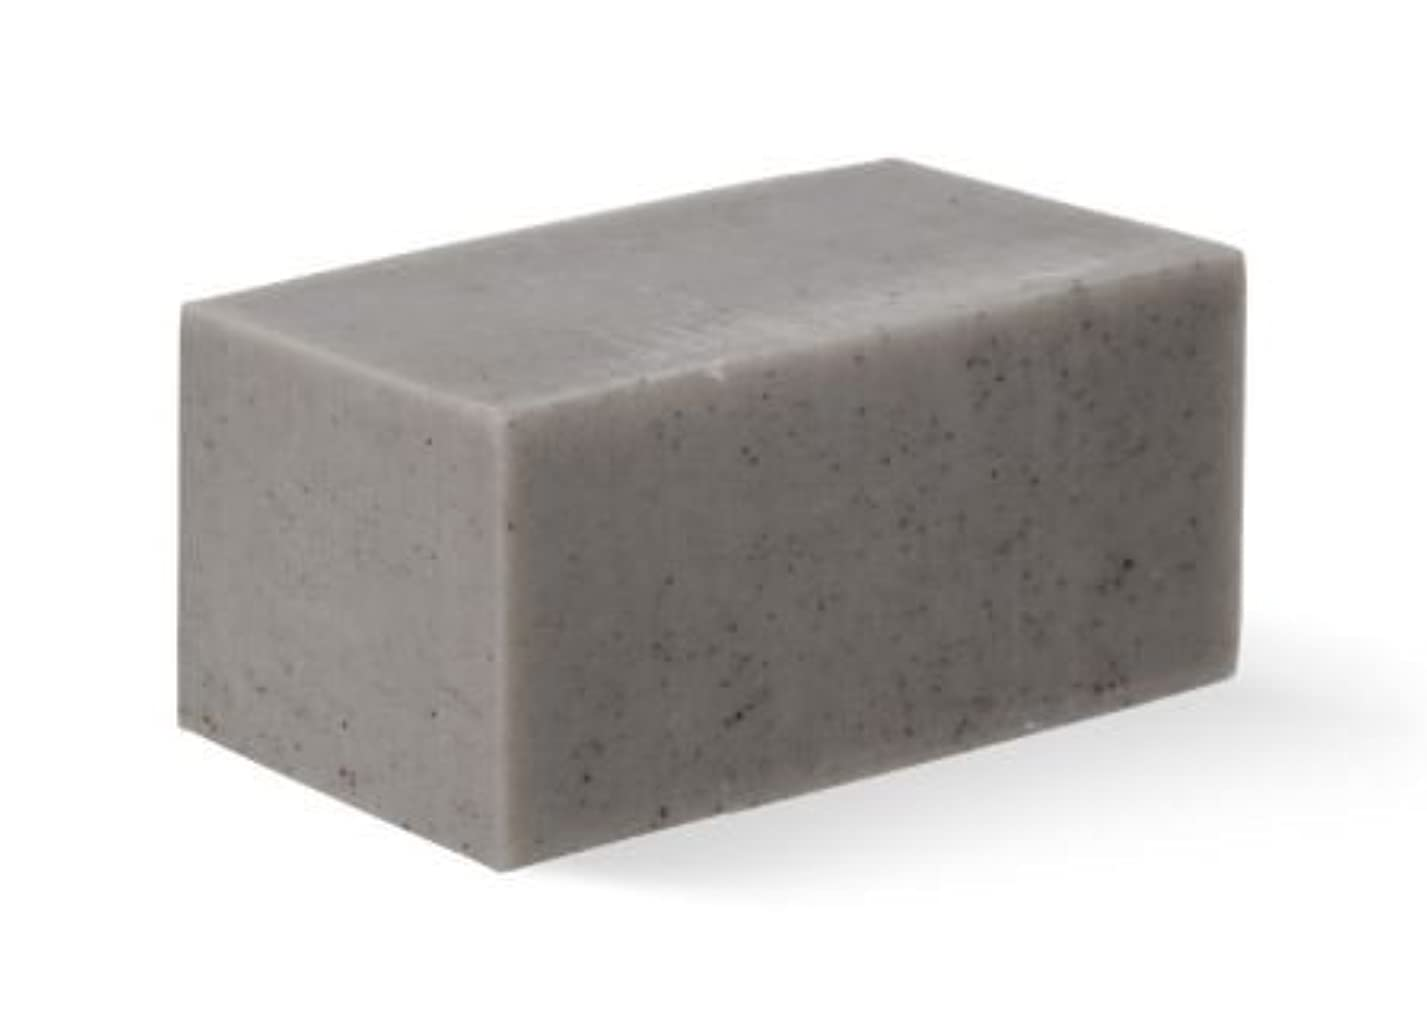 ペインギリック自己懇願する[Abib] Facial Soap grey Brick 100g/[アビブ]フェイシャルソープグレー ブリック100g [並行輸入品]